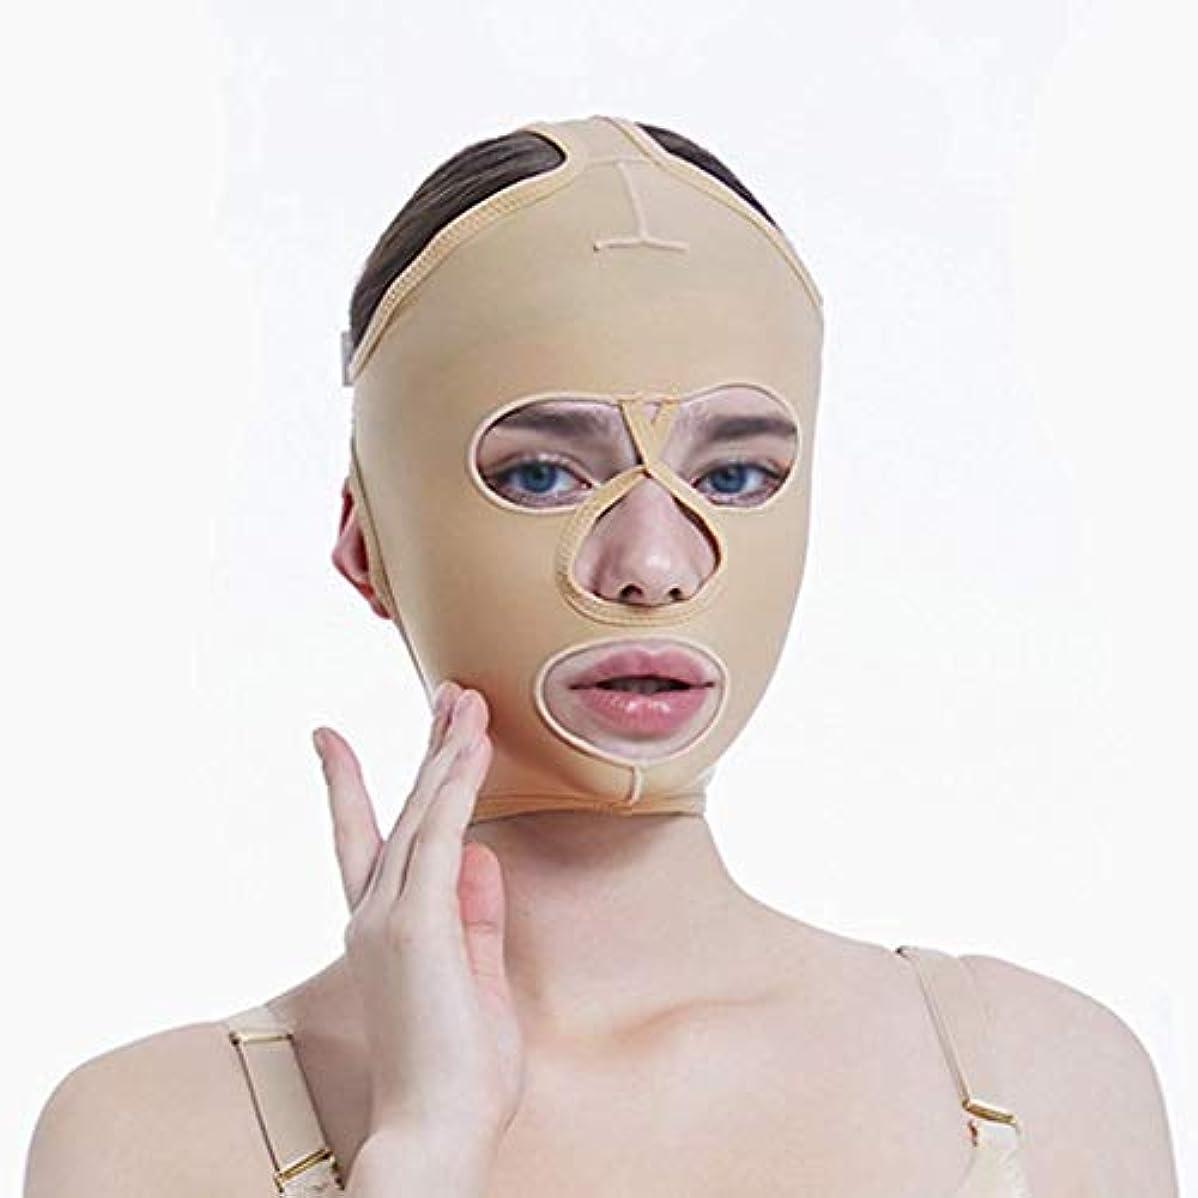 セイはさておきシェルもしチンリフティングベルト、超薄型ベルト、引き締めマスク、包帯吊り、フェイスリフティングマスク、超薄型ベルト、通気性(サイズ:L),ザ?